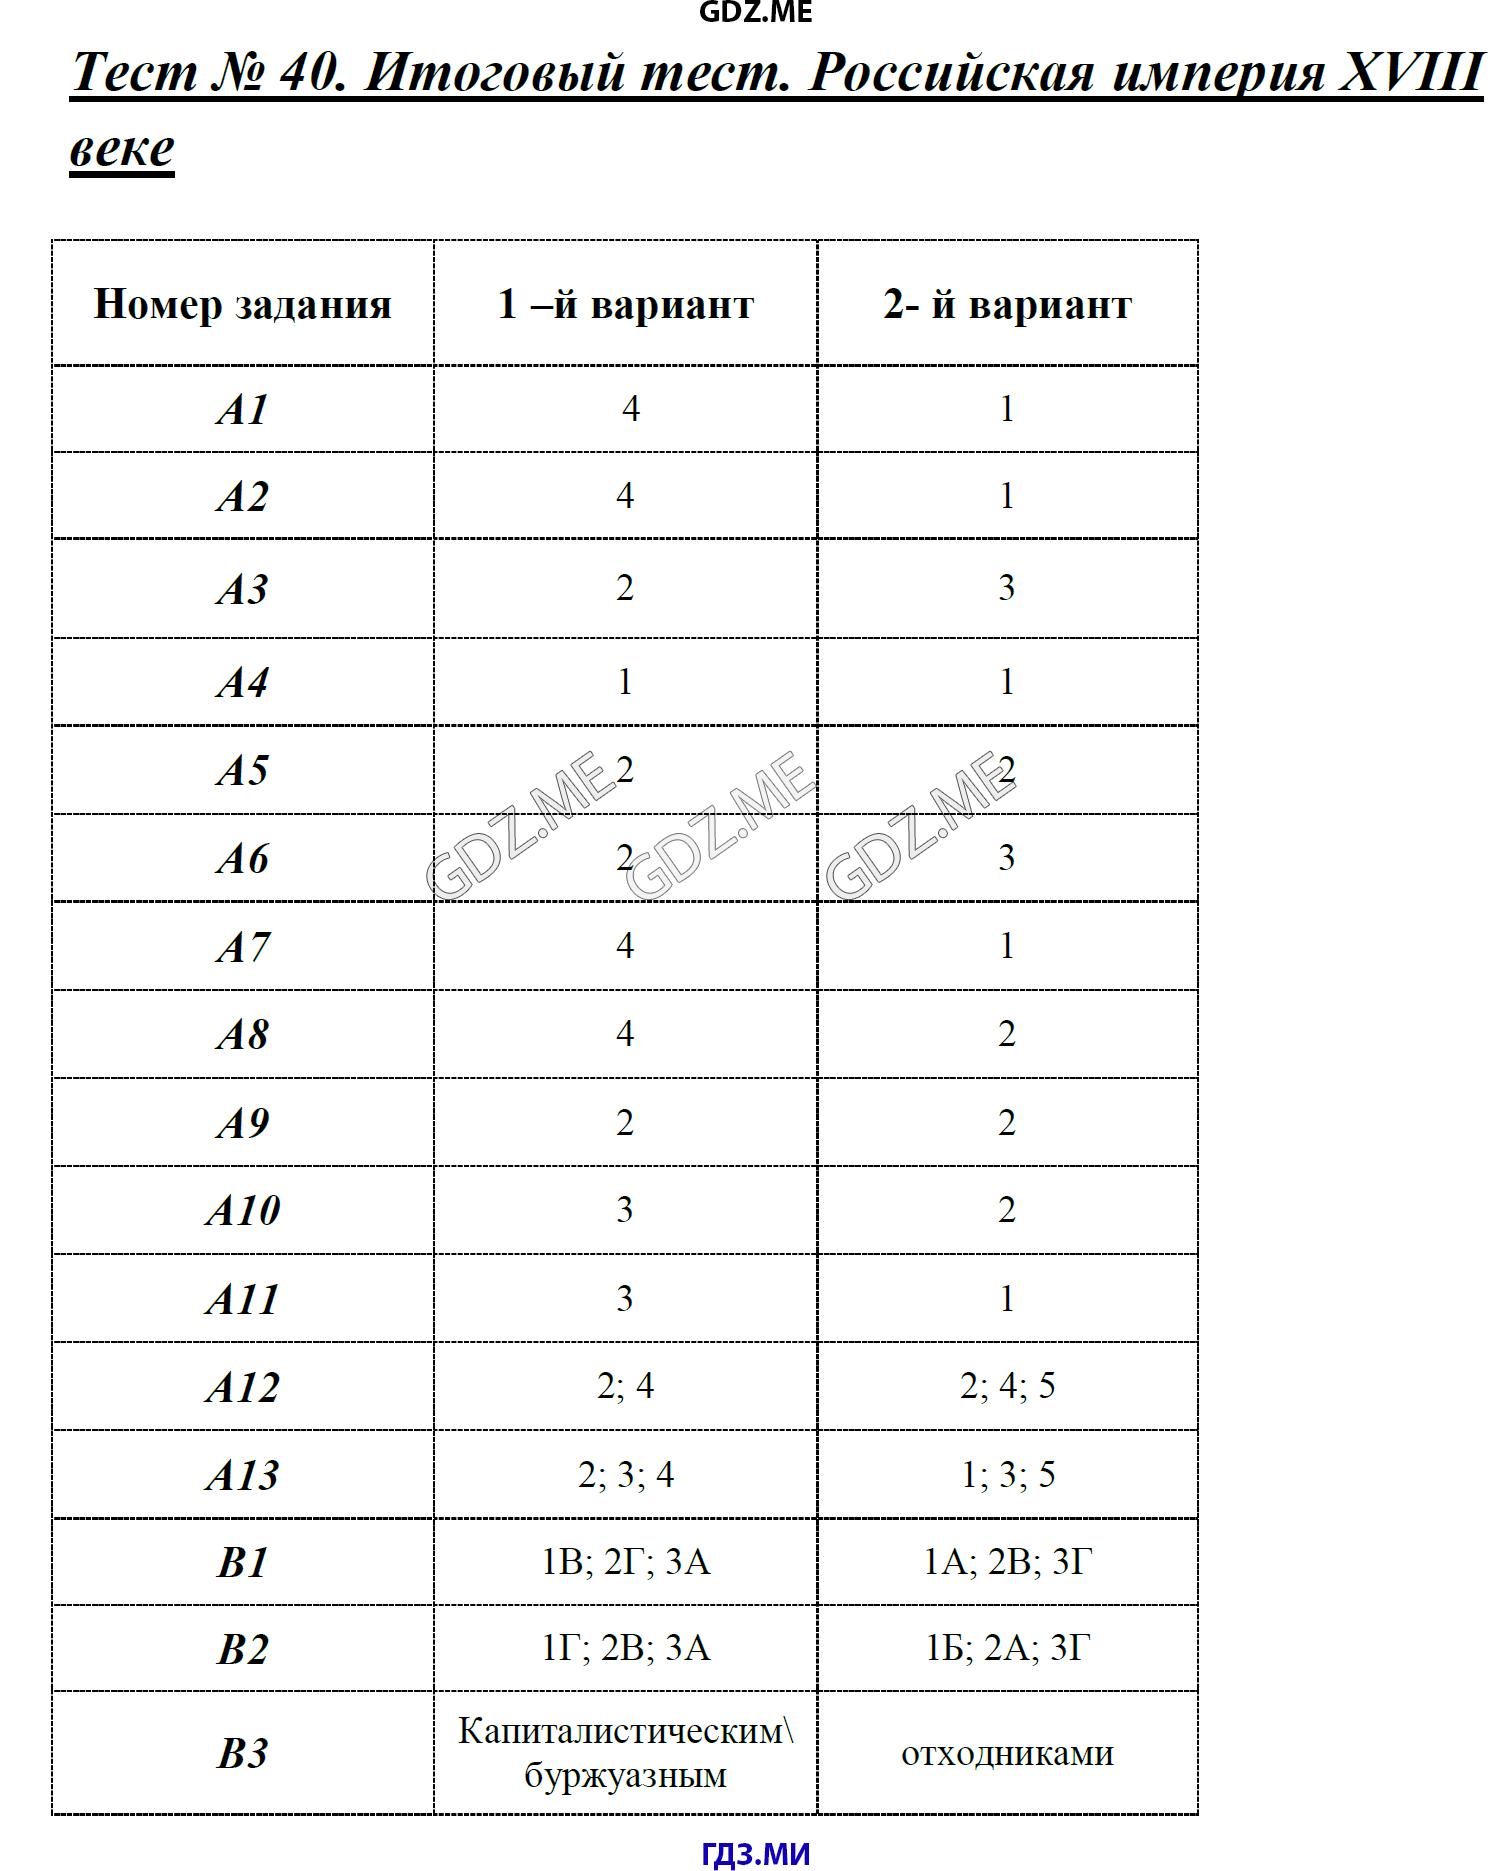 Проверочная работа по истории 7 класс данилов по разделу россия при петре